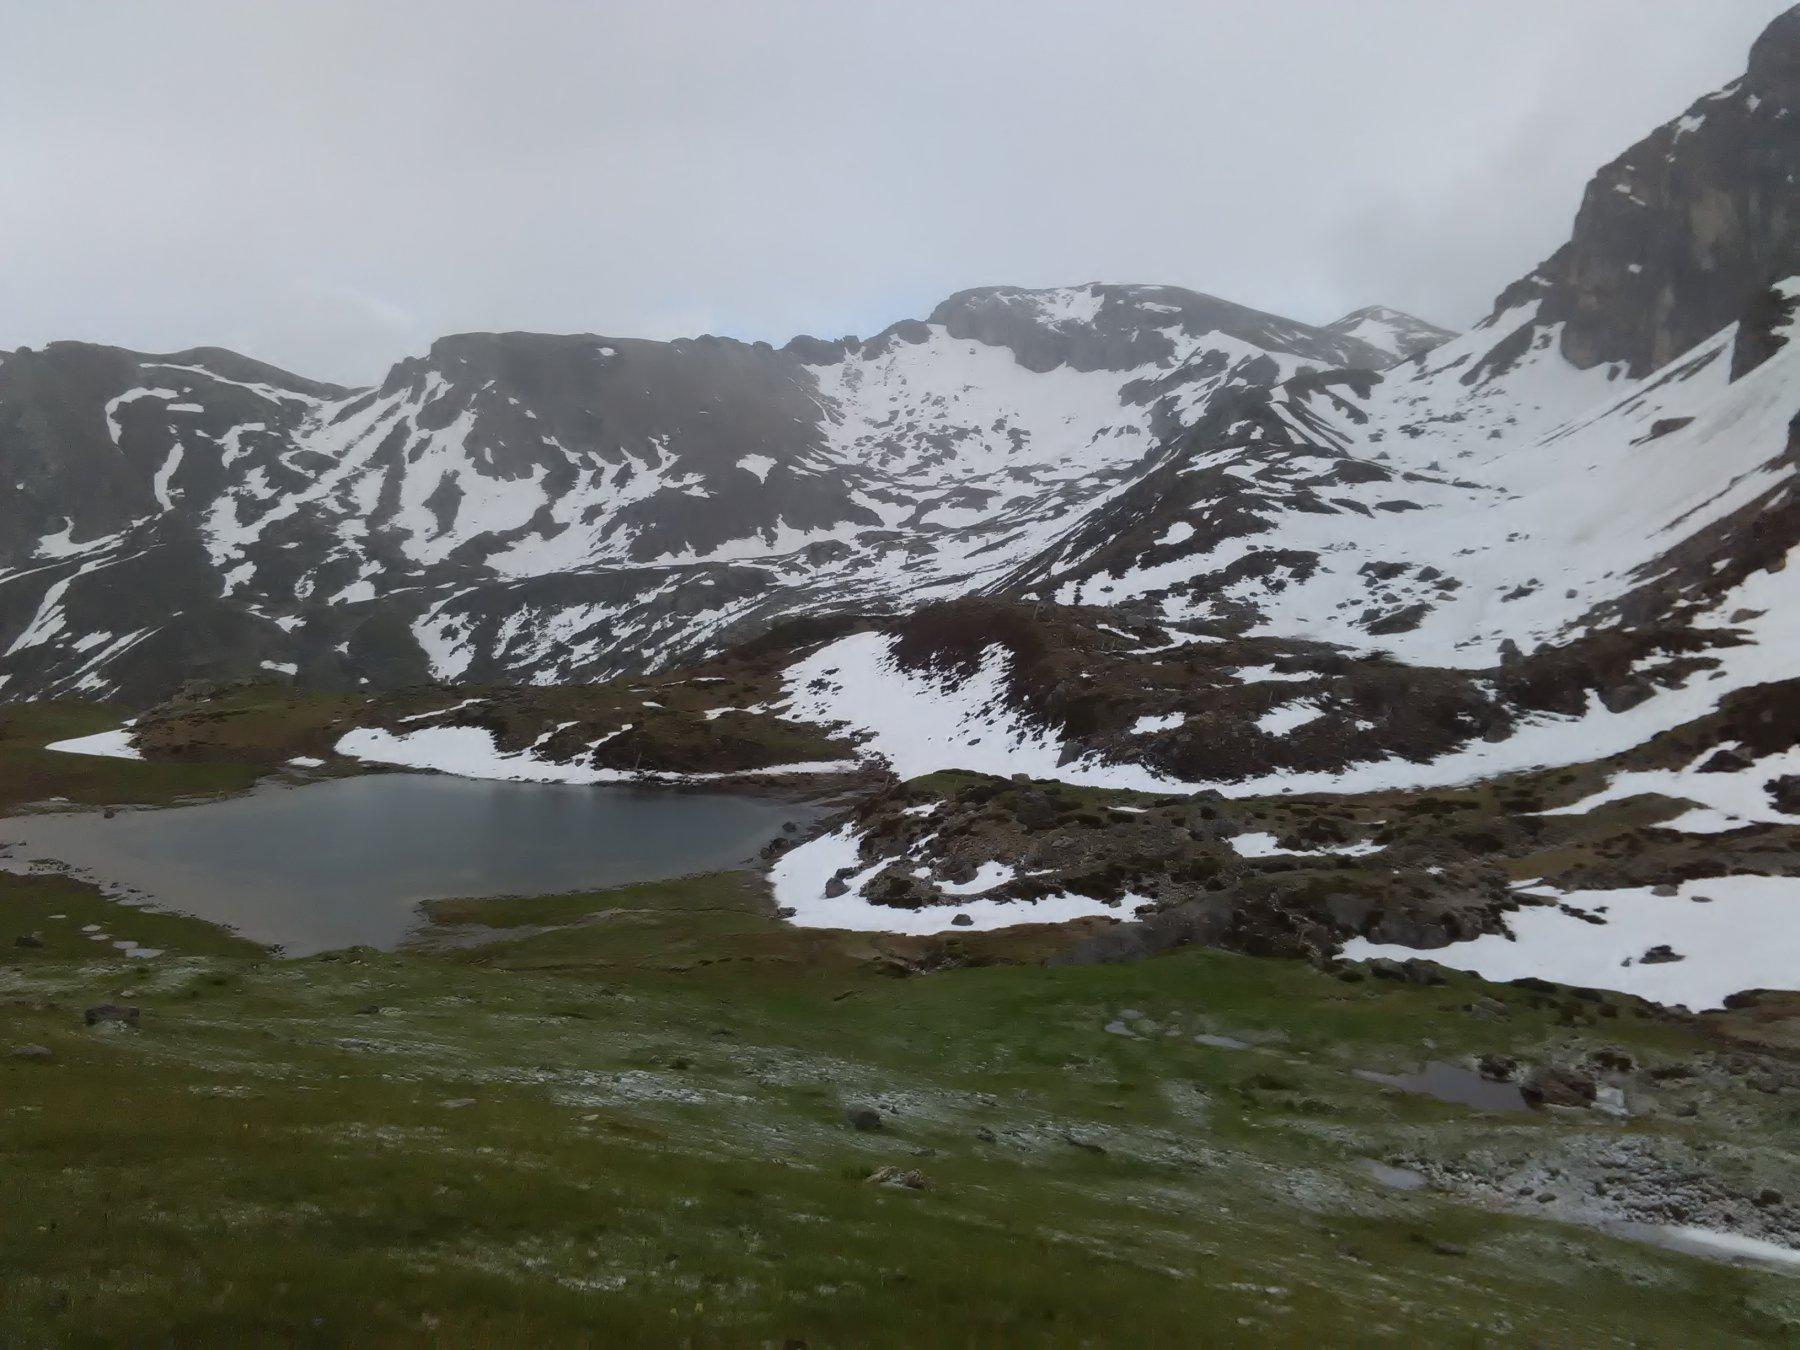 lago raschera